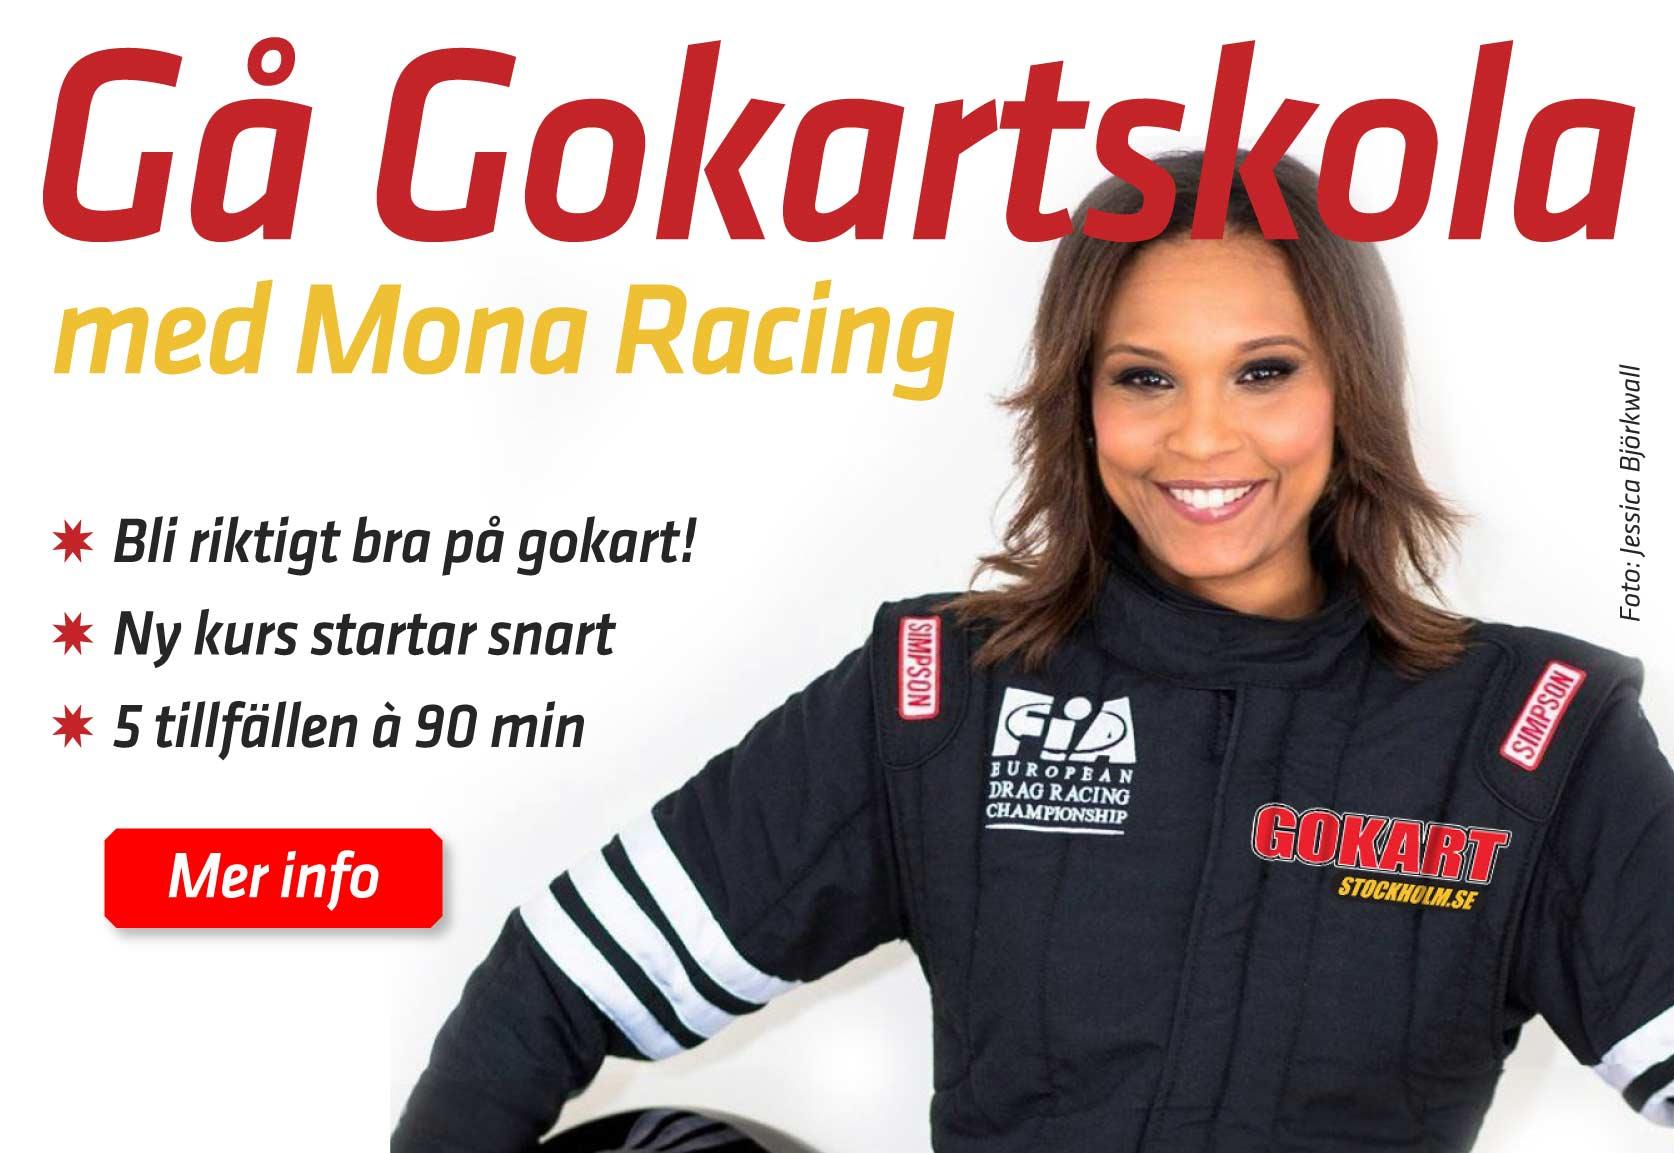 Gå Gokartskola med Mona Racing